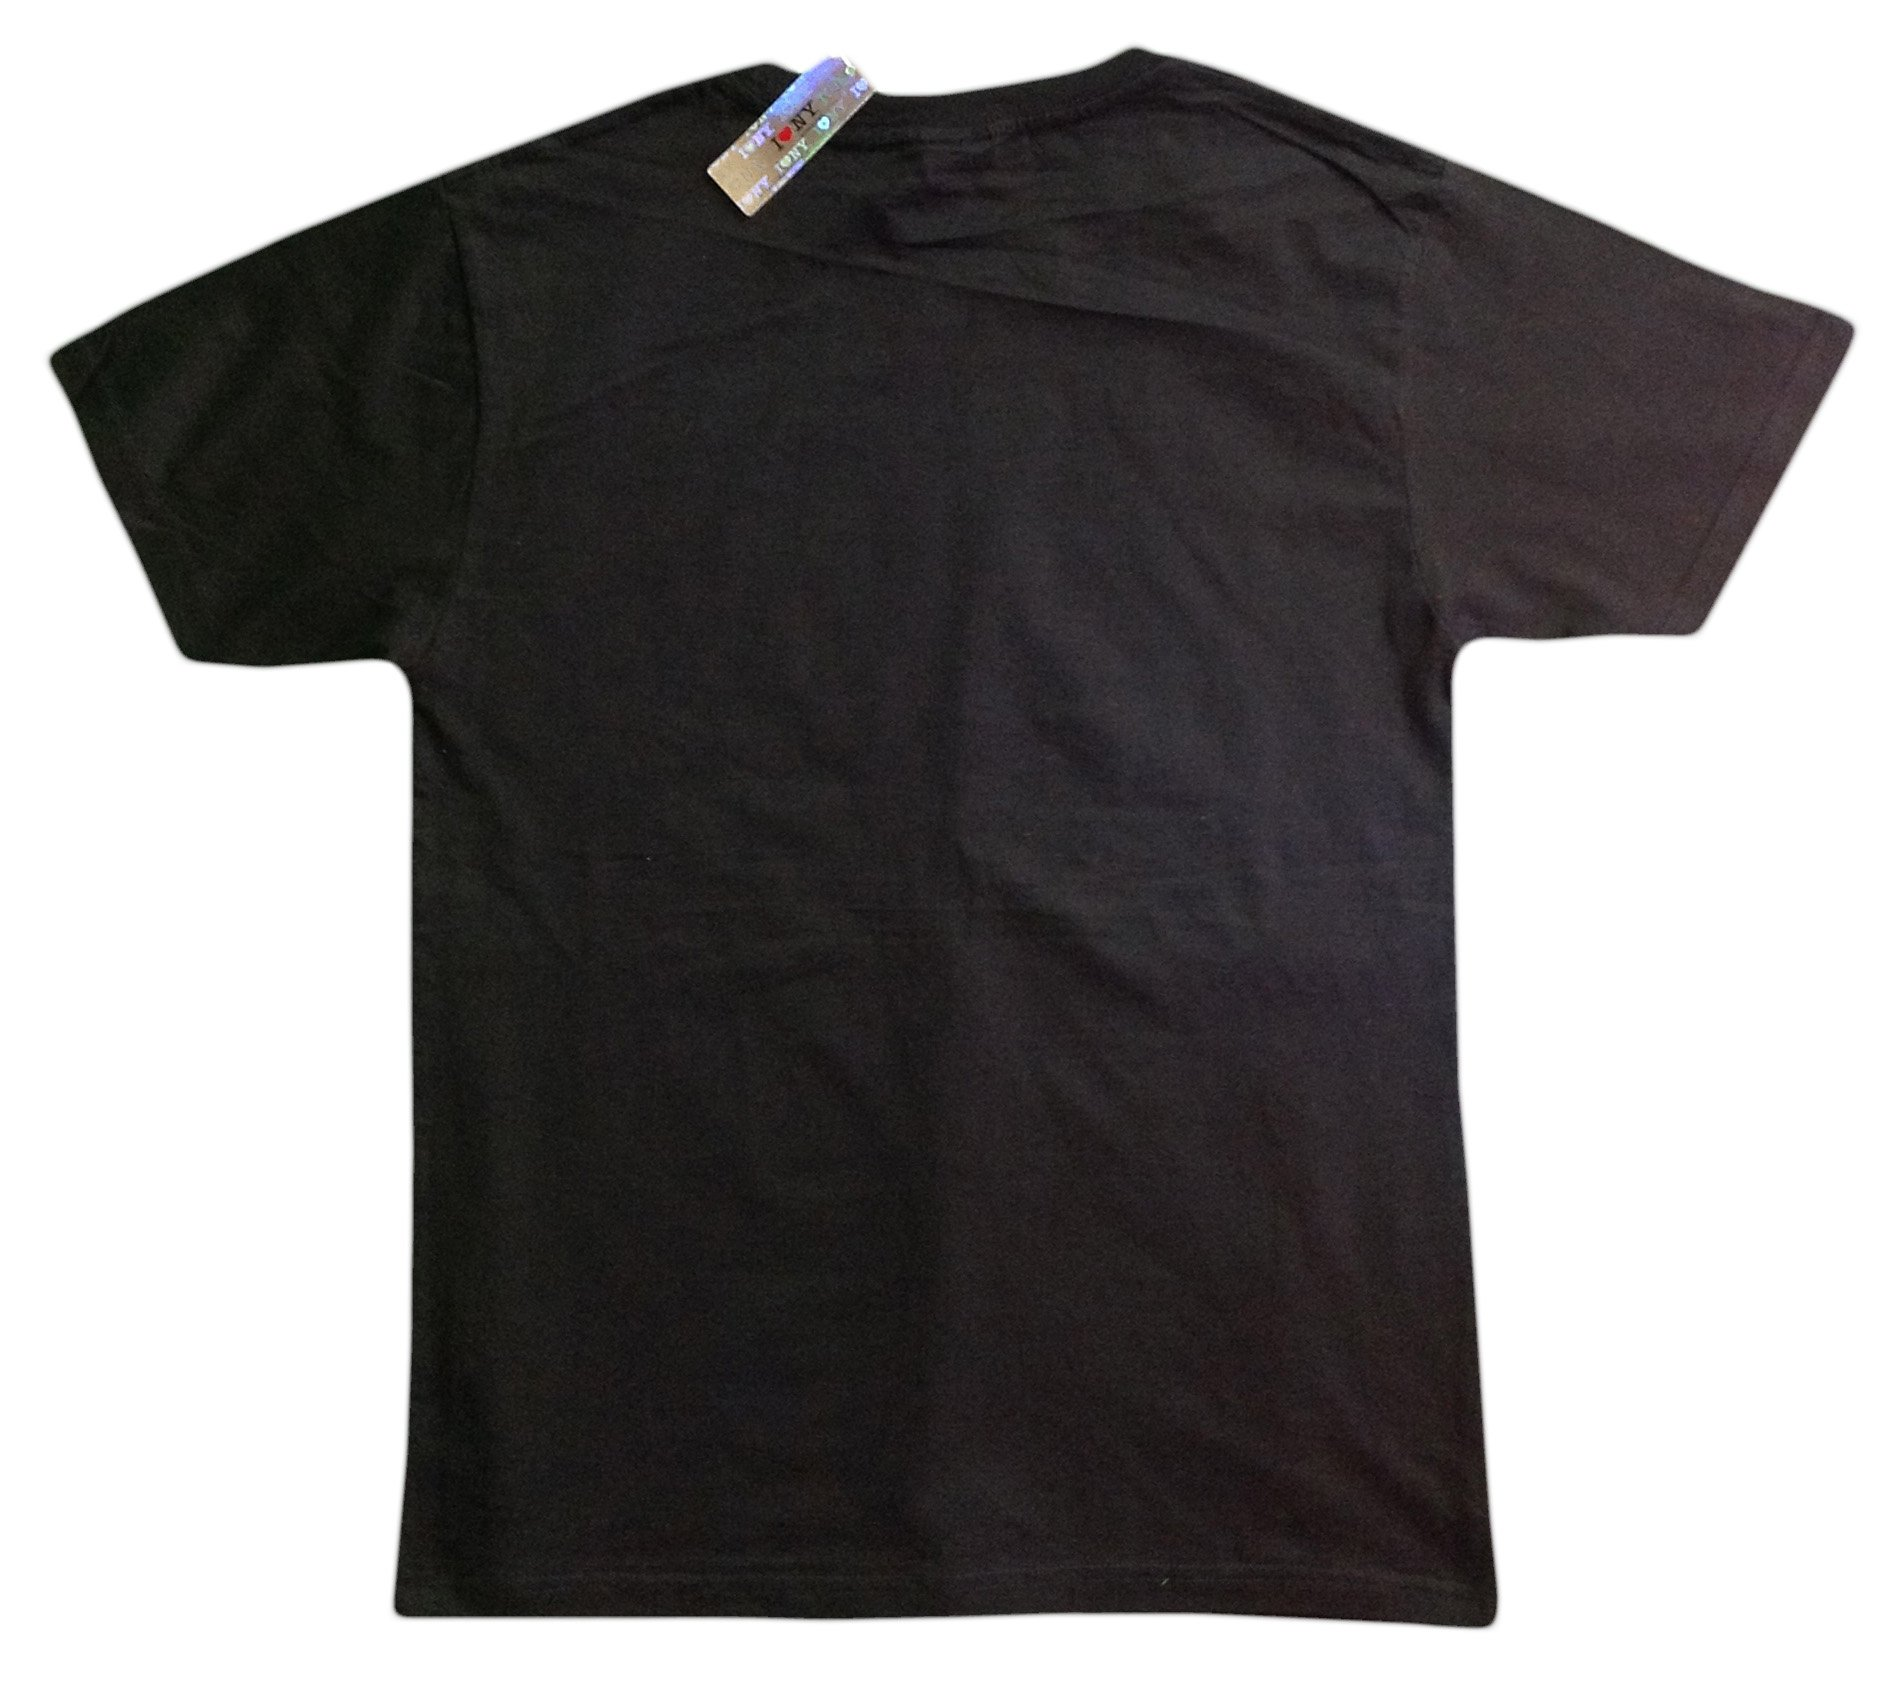 I Love NY New York Short Sleeve Screen Print Heart T-Shirt Black Large